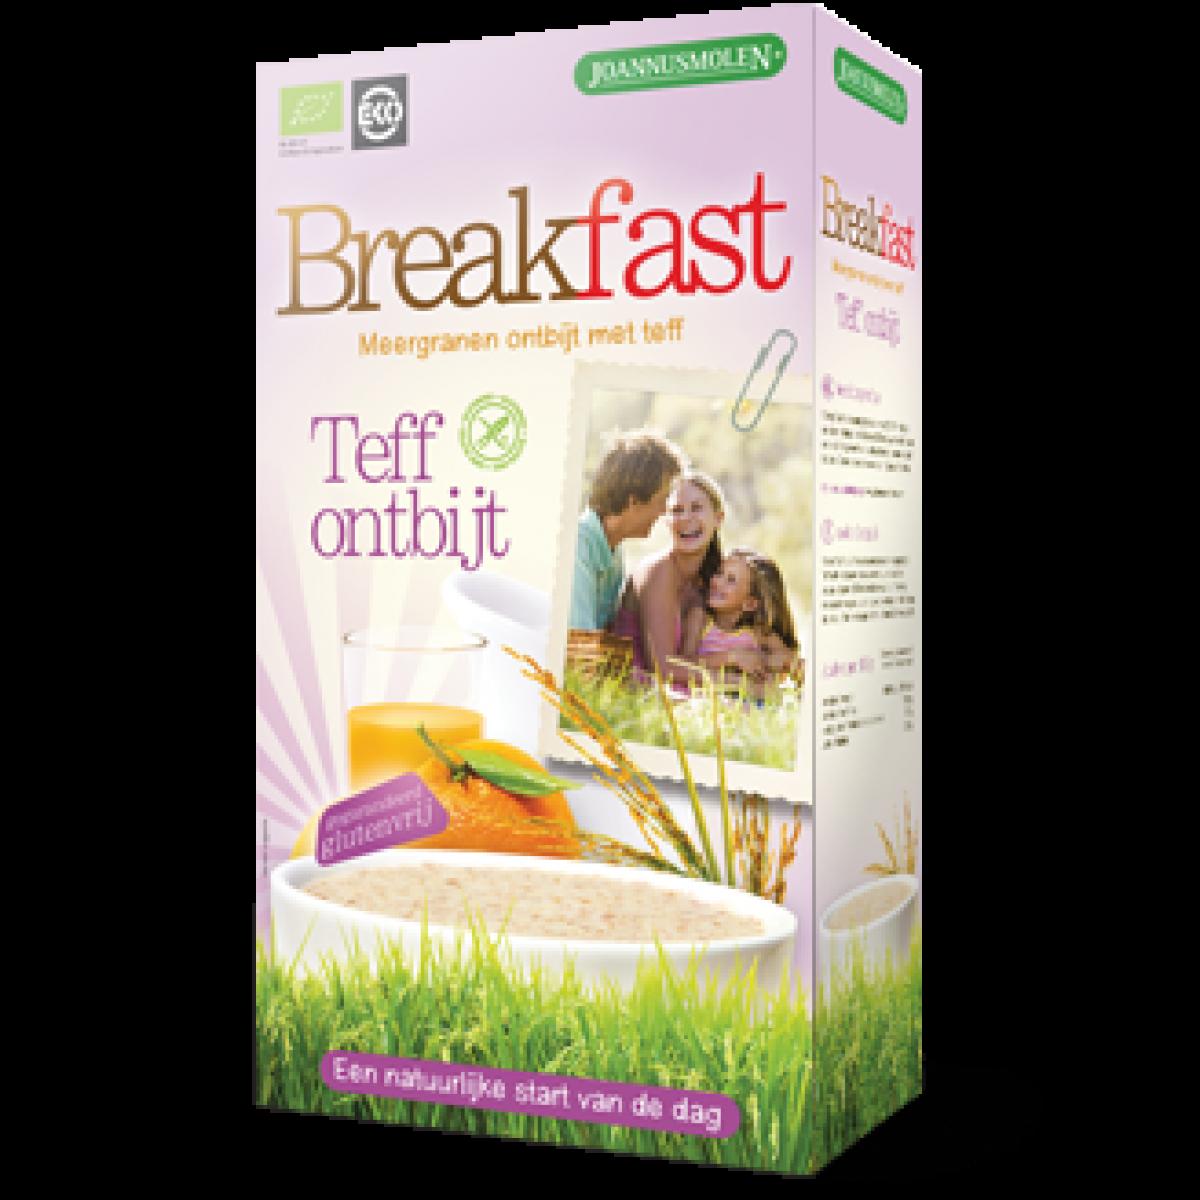 Meergranen Ontbijt Met Teff